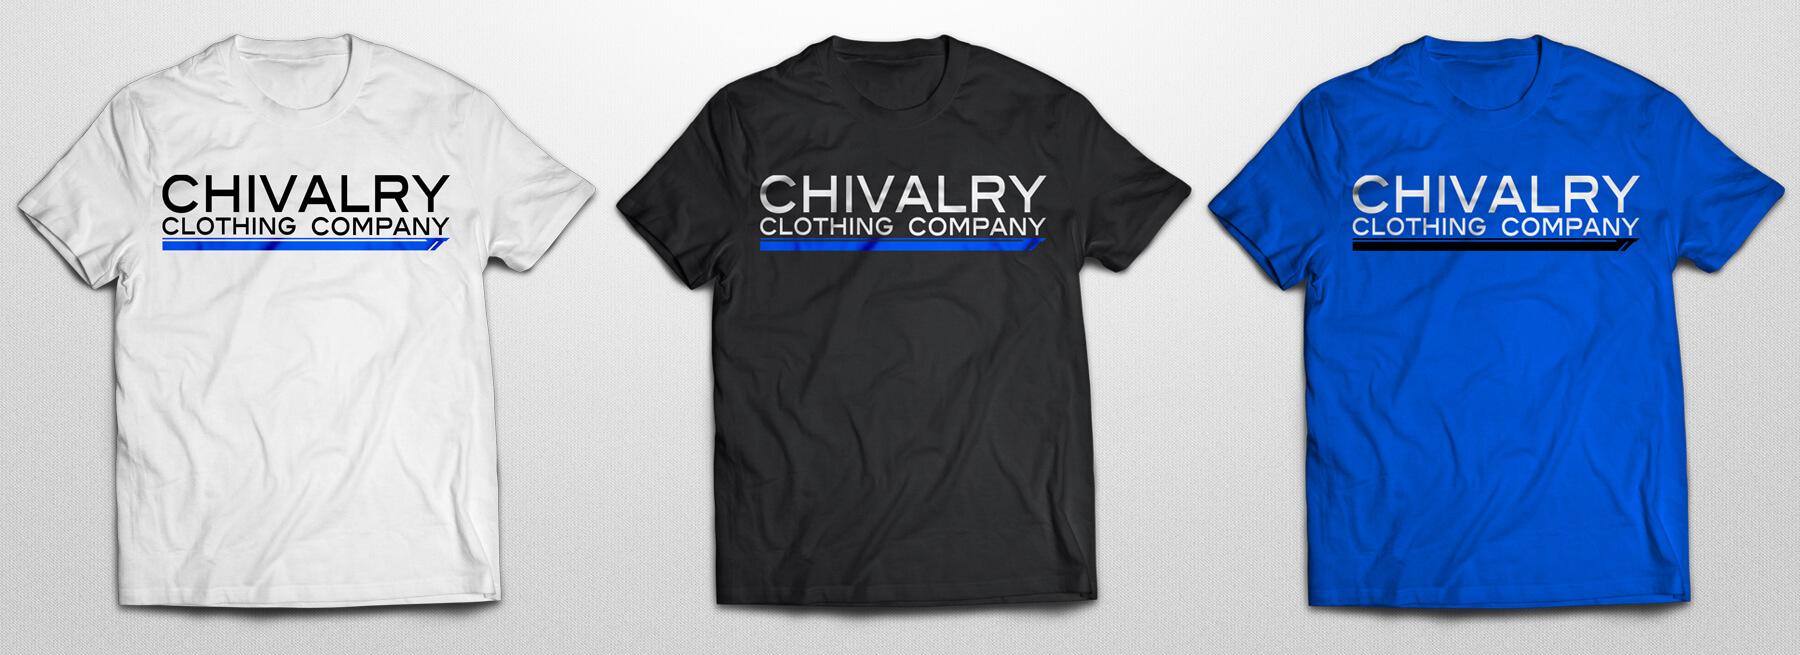 Chivalry Clothing Company